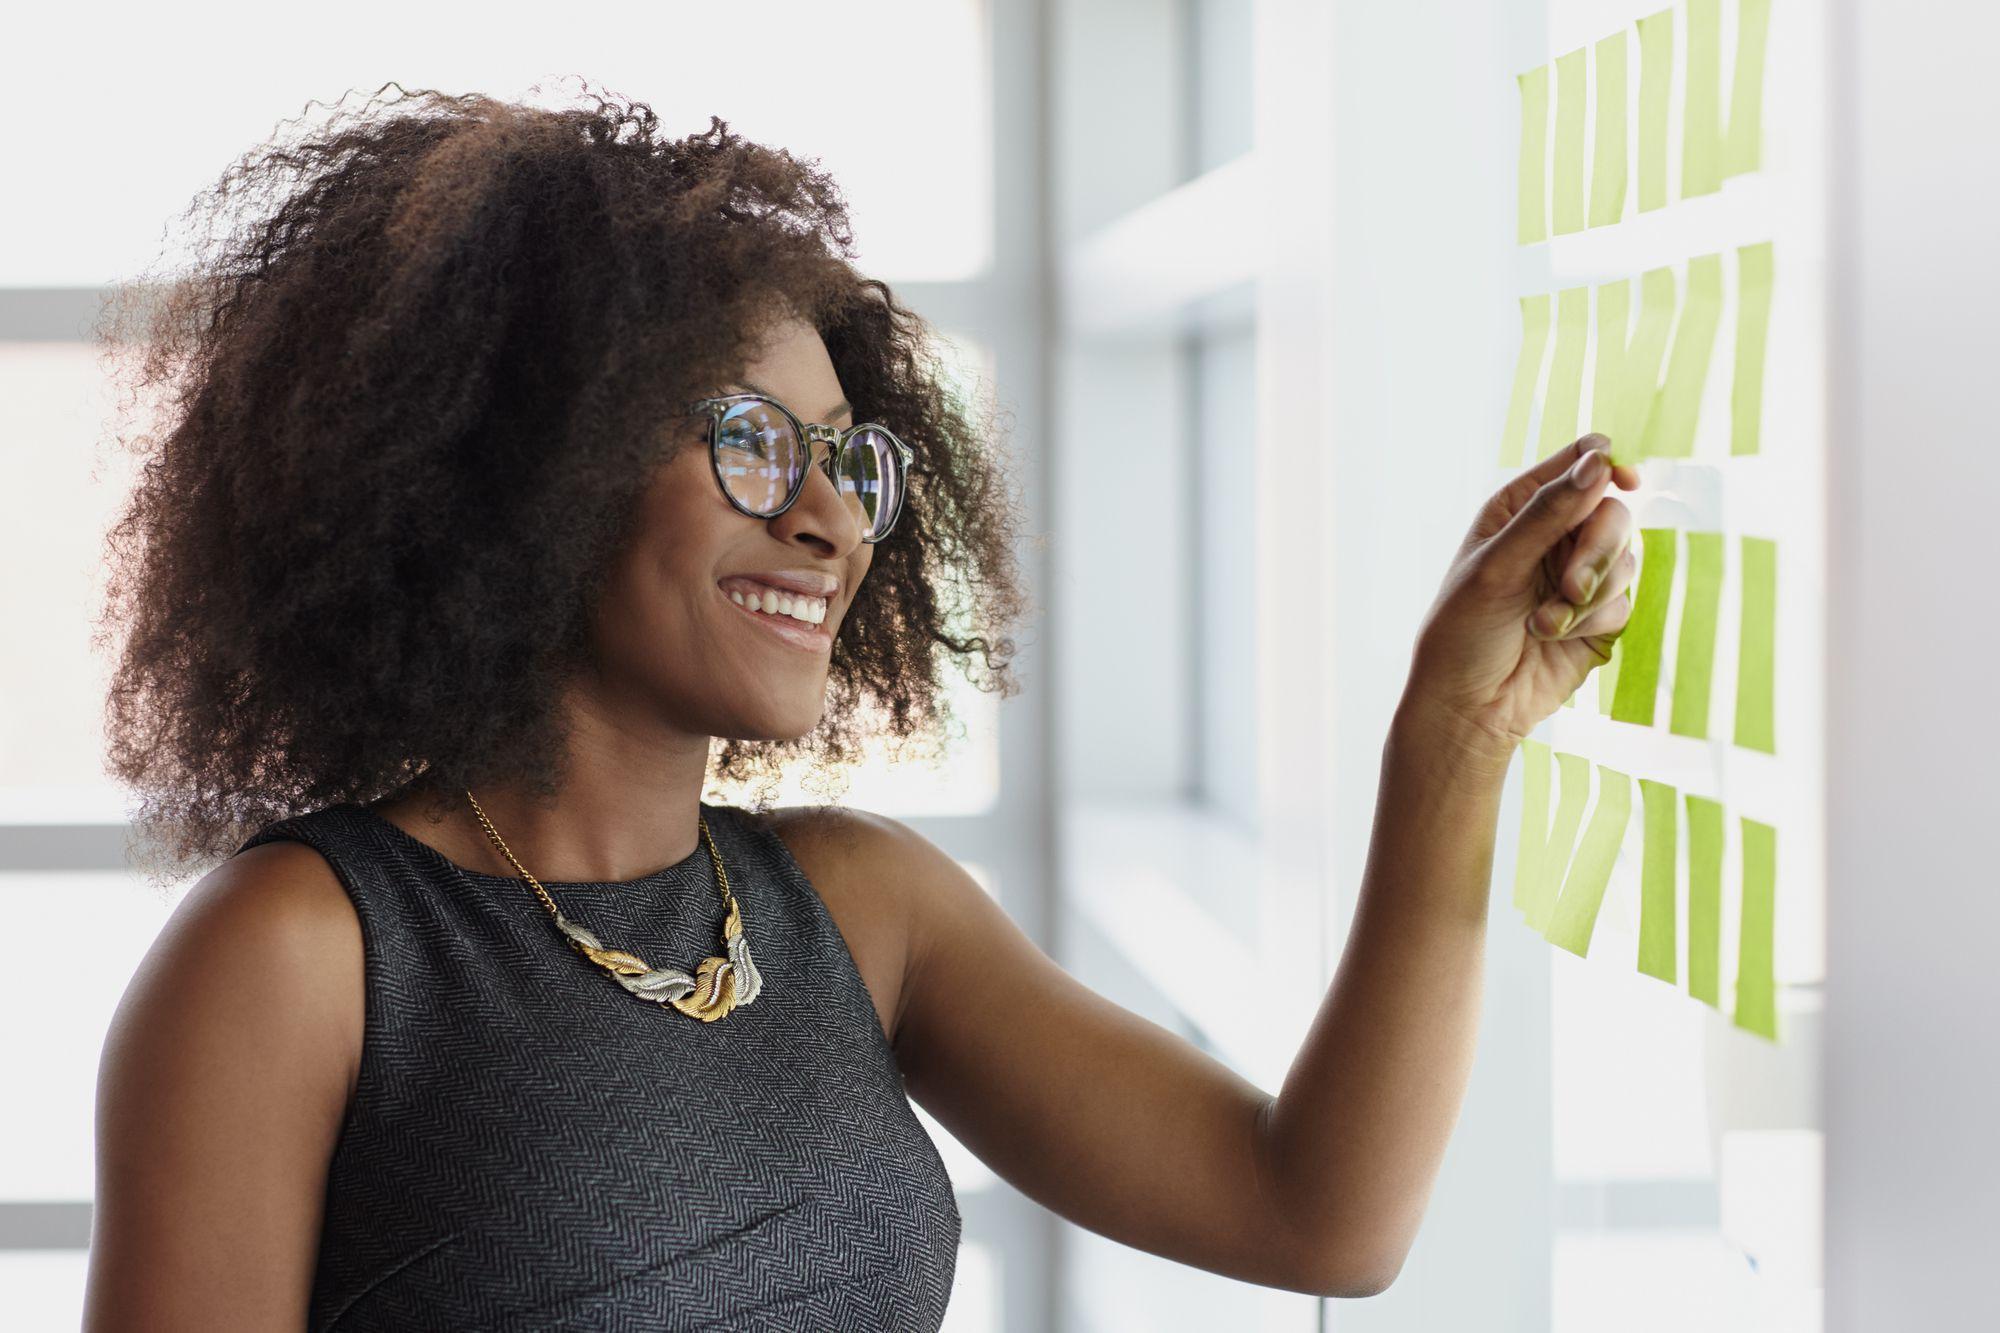 <p><span>A progressão profissional nos sistemas tradicionais prevê que o colaborador, em certo nível hierárquico, opte por se tornar especialista ou ocupar cargos de gestão para continuar crescendo. No entanto, a dinâmica empresarial atual exige profissionais cada vez mais preparados e adaptados às mudanças, que acontecem cada vez mais rapidamente.</span></p><p><span>Nesse sentido, abrir mão de especialistas para que estes ocupem cargos de liderança não é a melhor opção para as empresas. O que fazer para solucionar esse problema? Incentivar a carreira em W! Neste post, explicamos tudo o que você precisa saber sobre esse formato de desenvolvimento profissional. Boa leitura!</span></p><h2><span>O que é carreira em W?</span></h2><p><span>O modelo de carreira em W prevê que os profissionais mantenham funções técnicas ao mesmo tempo em que lideram equipes de colaboradores. Esse conceito é uma alternativa aos formatos em Y e em linha.</span></p><p><span>A grande vantagem da carreira em W é justamente oportunizar um caminho intermediário aos profissionais, que podem se manter especialistas e, ainda assim, ocupar cargos de gestão. Nas outras duas modalidades, a subida hierárquica transforma técnicos em gestores (em linha) ou exige que o profissional escolha ascender como especialista ou como </span><a href=https://noticias.universia.com.br/cultura/noticia/2018/03/23/1159270/lideres-referencias-comecaram-estagiarios.html target=_blank>líder</a><span> (em Y).</span></p><h2><span>Como surgiu a carreira em W?</span></h2><p><span>O modelo em W surgiu ainda na década de 1980, idealizado por Roberto Pierre Rigaud. Esse formato caiu em desuso com o tempo, por causa dos obstáculos para a sua implementação total. Apesar disso, atualmente, as empresas de tecnologia, sobretudo, têm reavivado esse método.</span></p><p><span>De acordo com Rigaud, uma das causas que o levou a desenvolver o formato em W foi ele próprio ter se deparado com a bifurcação de sua </span><a href=https://noticias